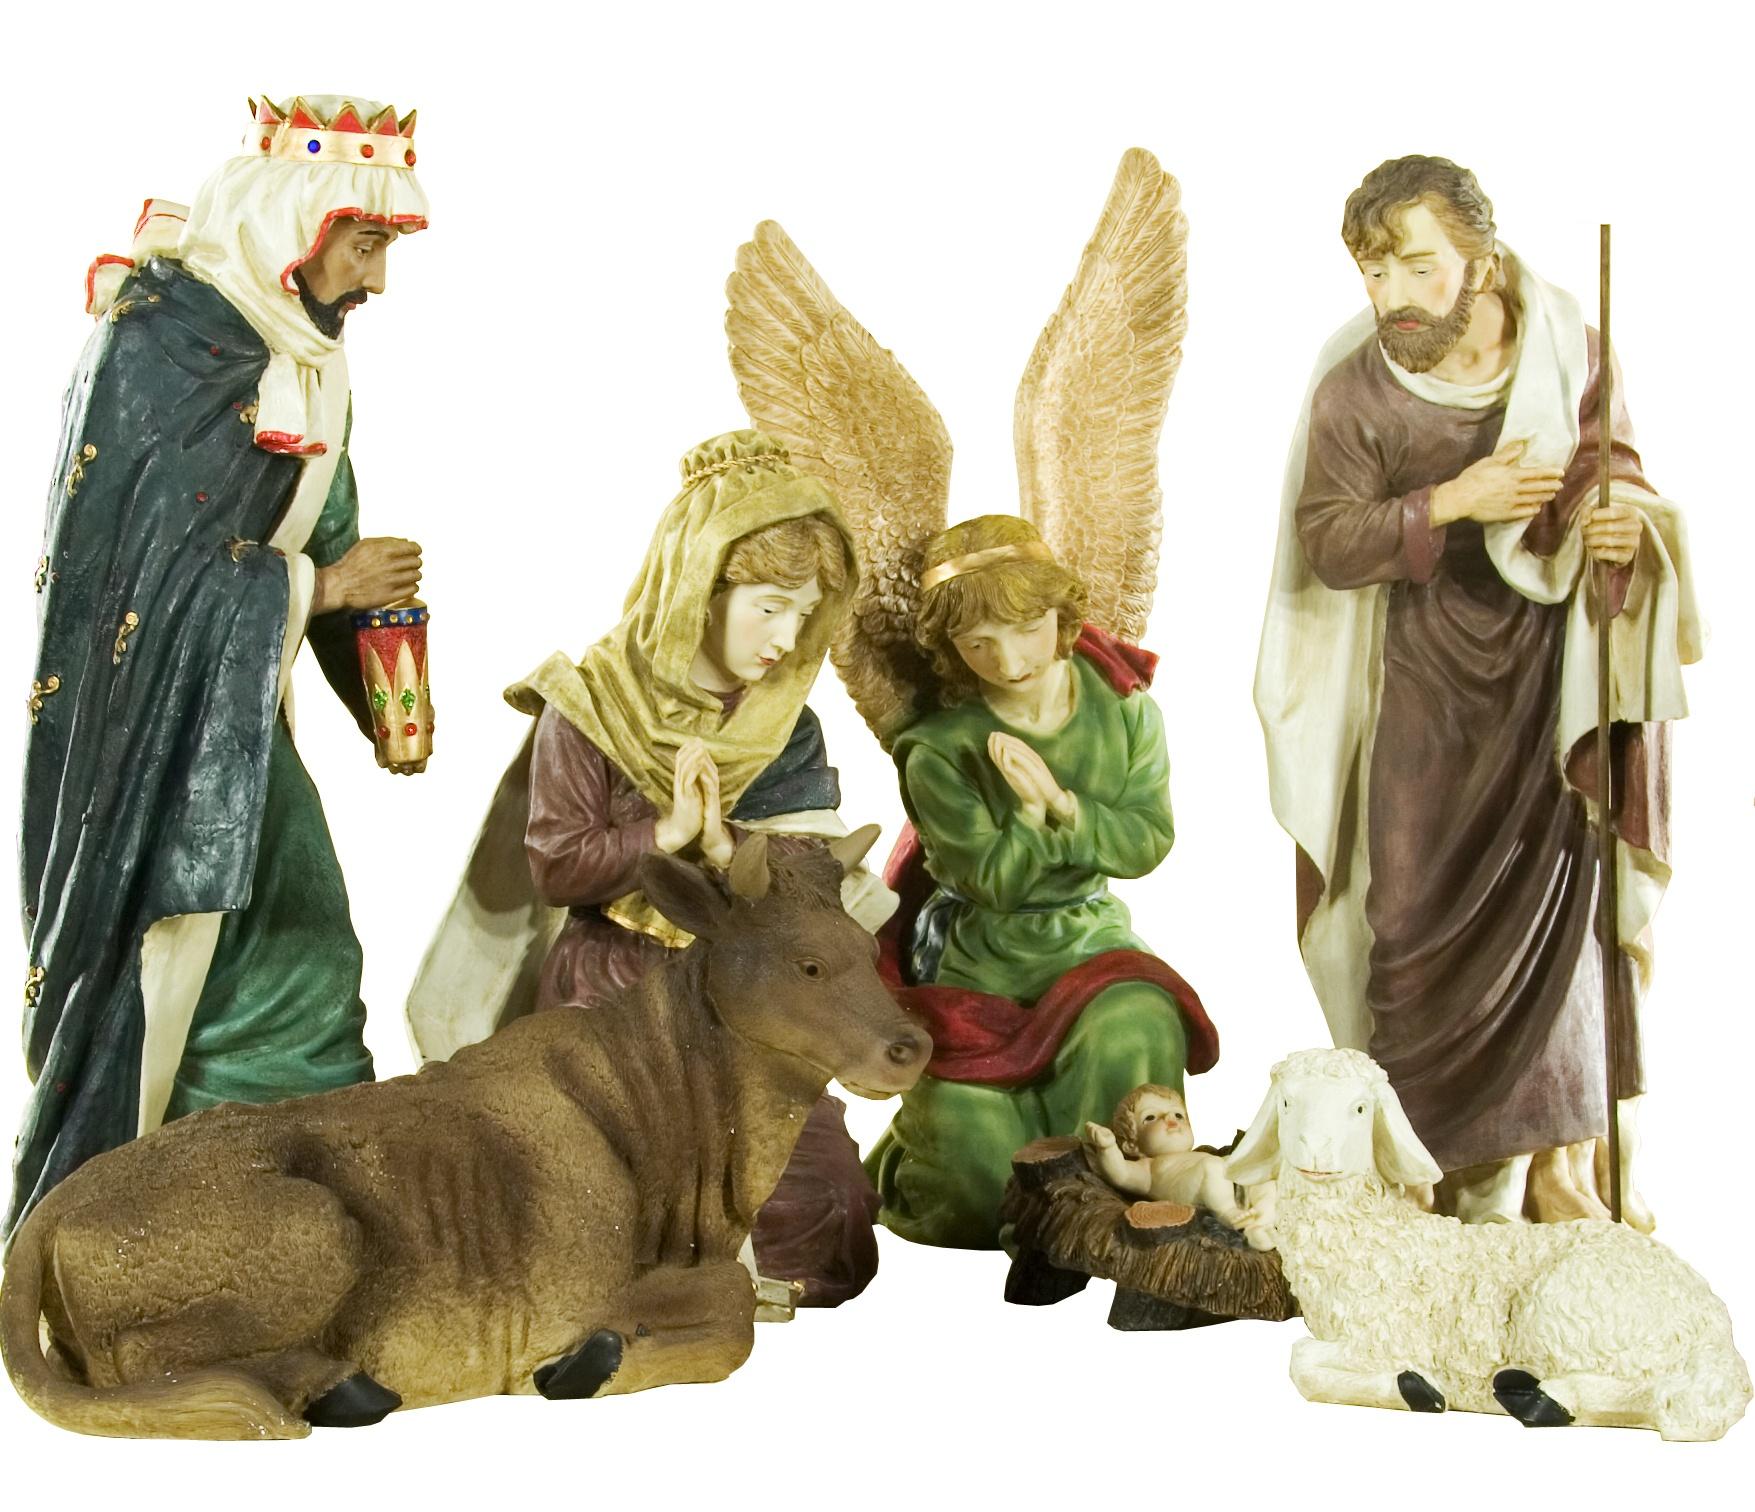 Churchs Gay Friendly Nativity Scene Vandalized